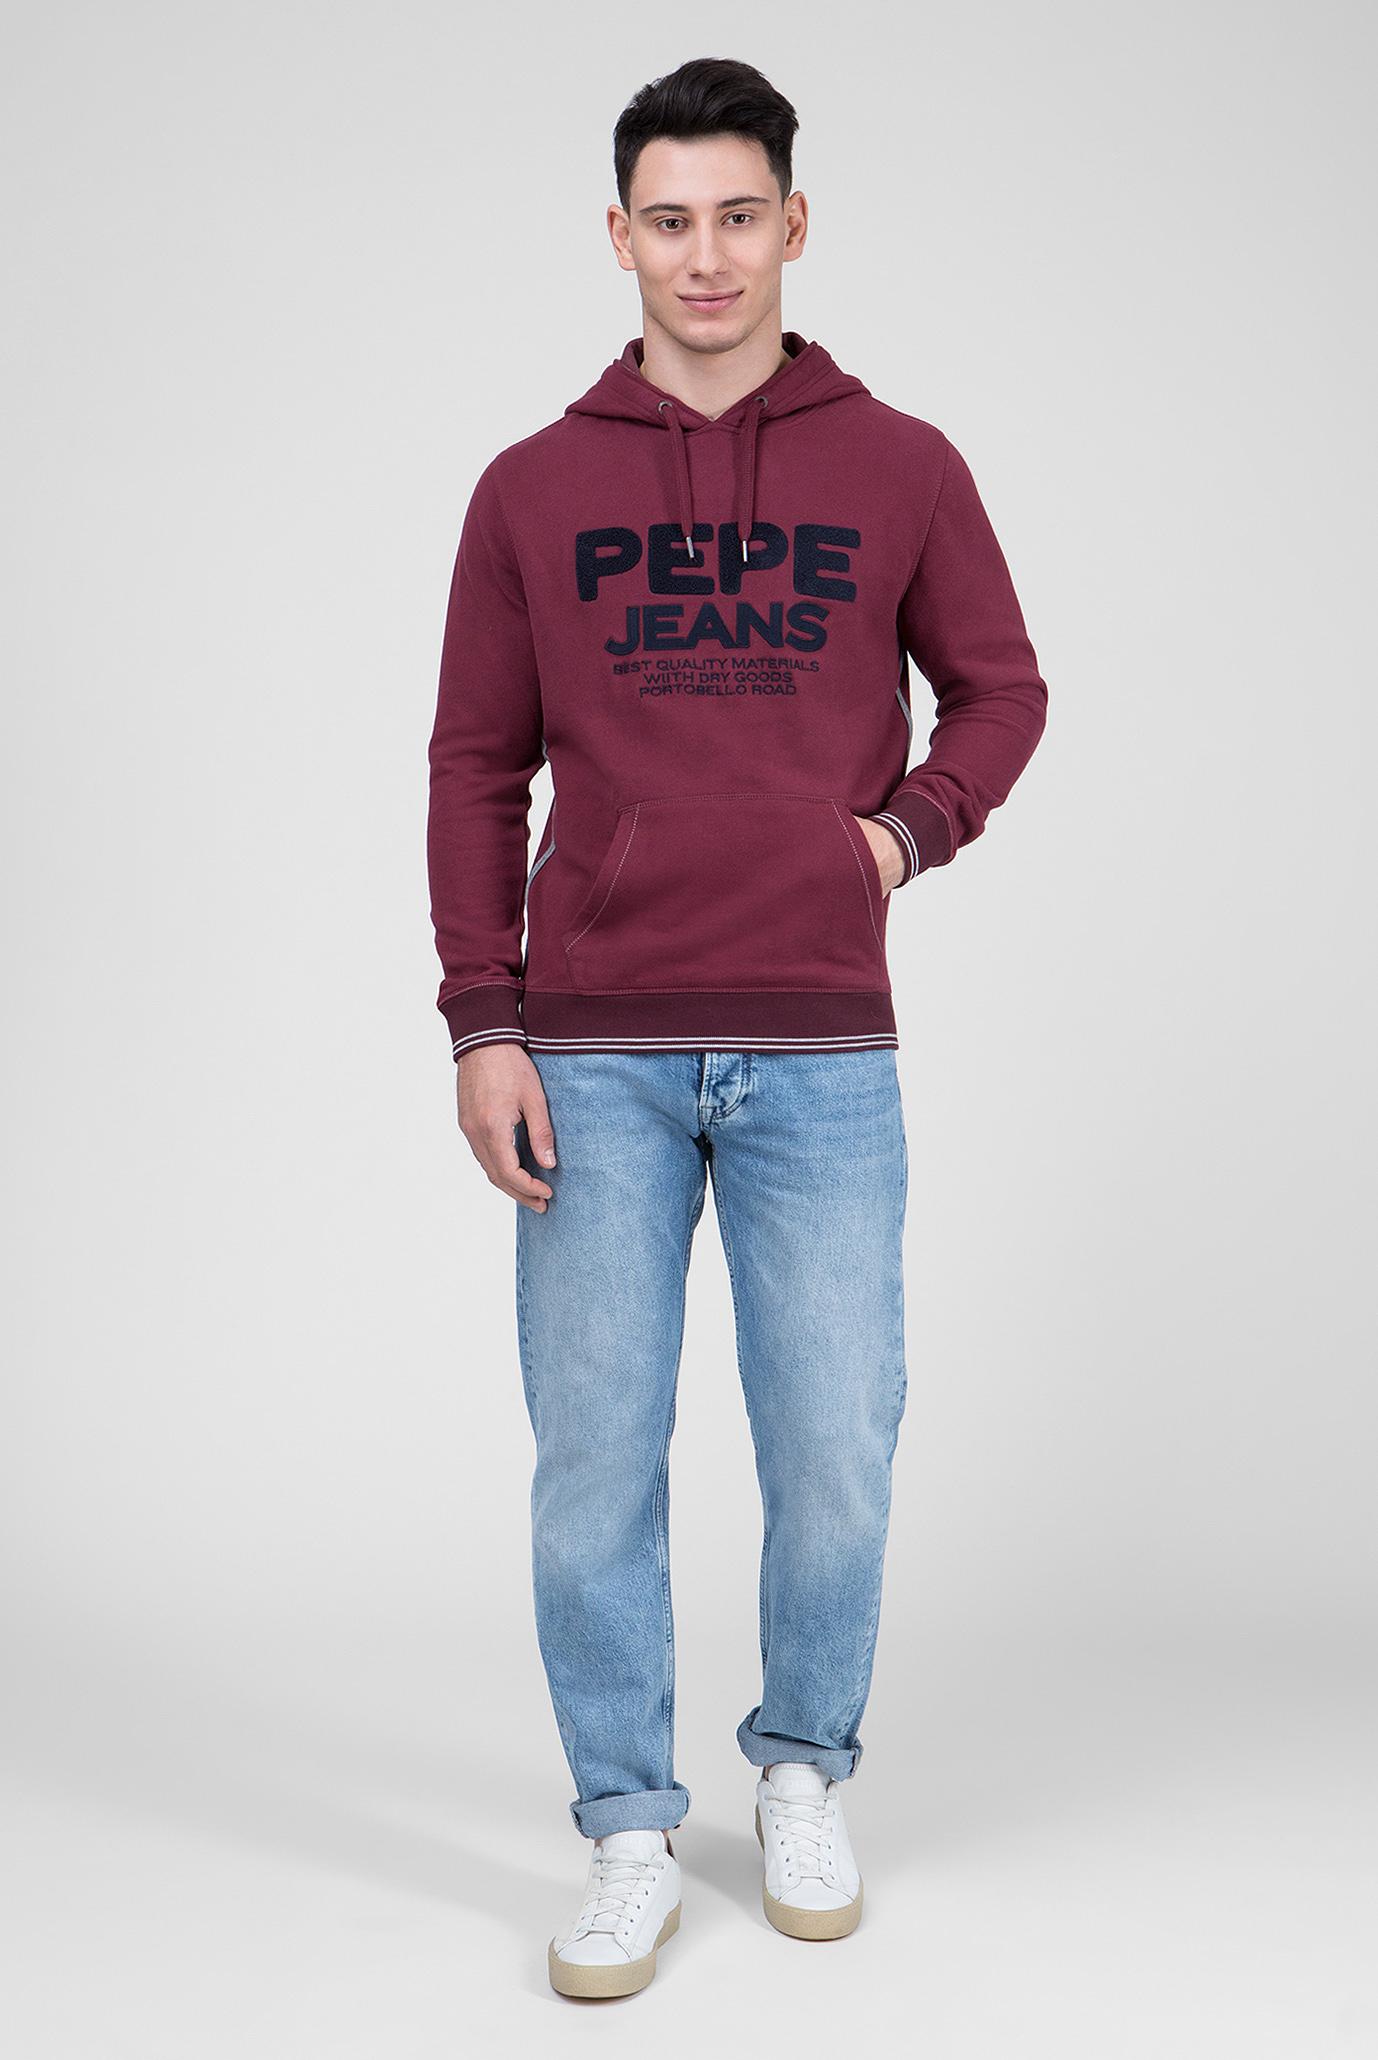 Купить Мужское бордовое худи ZEN Pepe Jeans Pepe Jeans PM581488 – Киев, Украина. Цены в интернет магазине MD Fashion